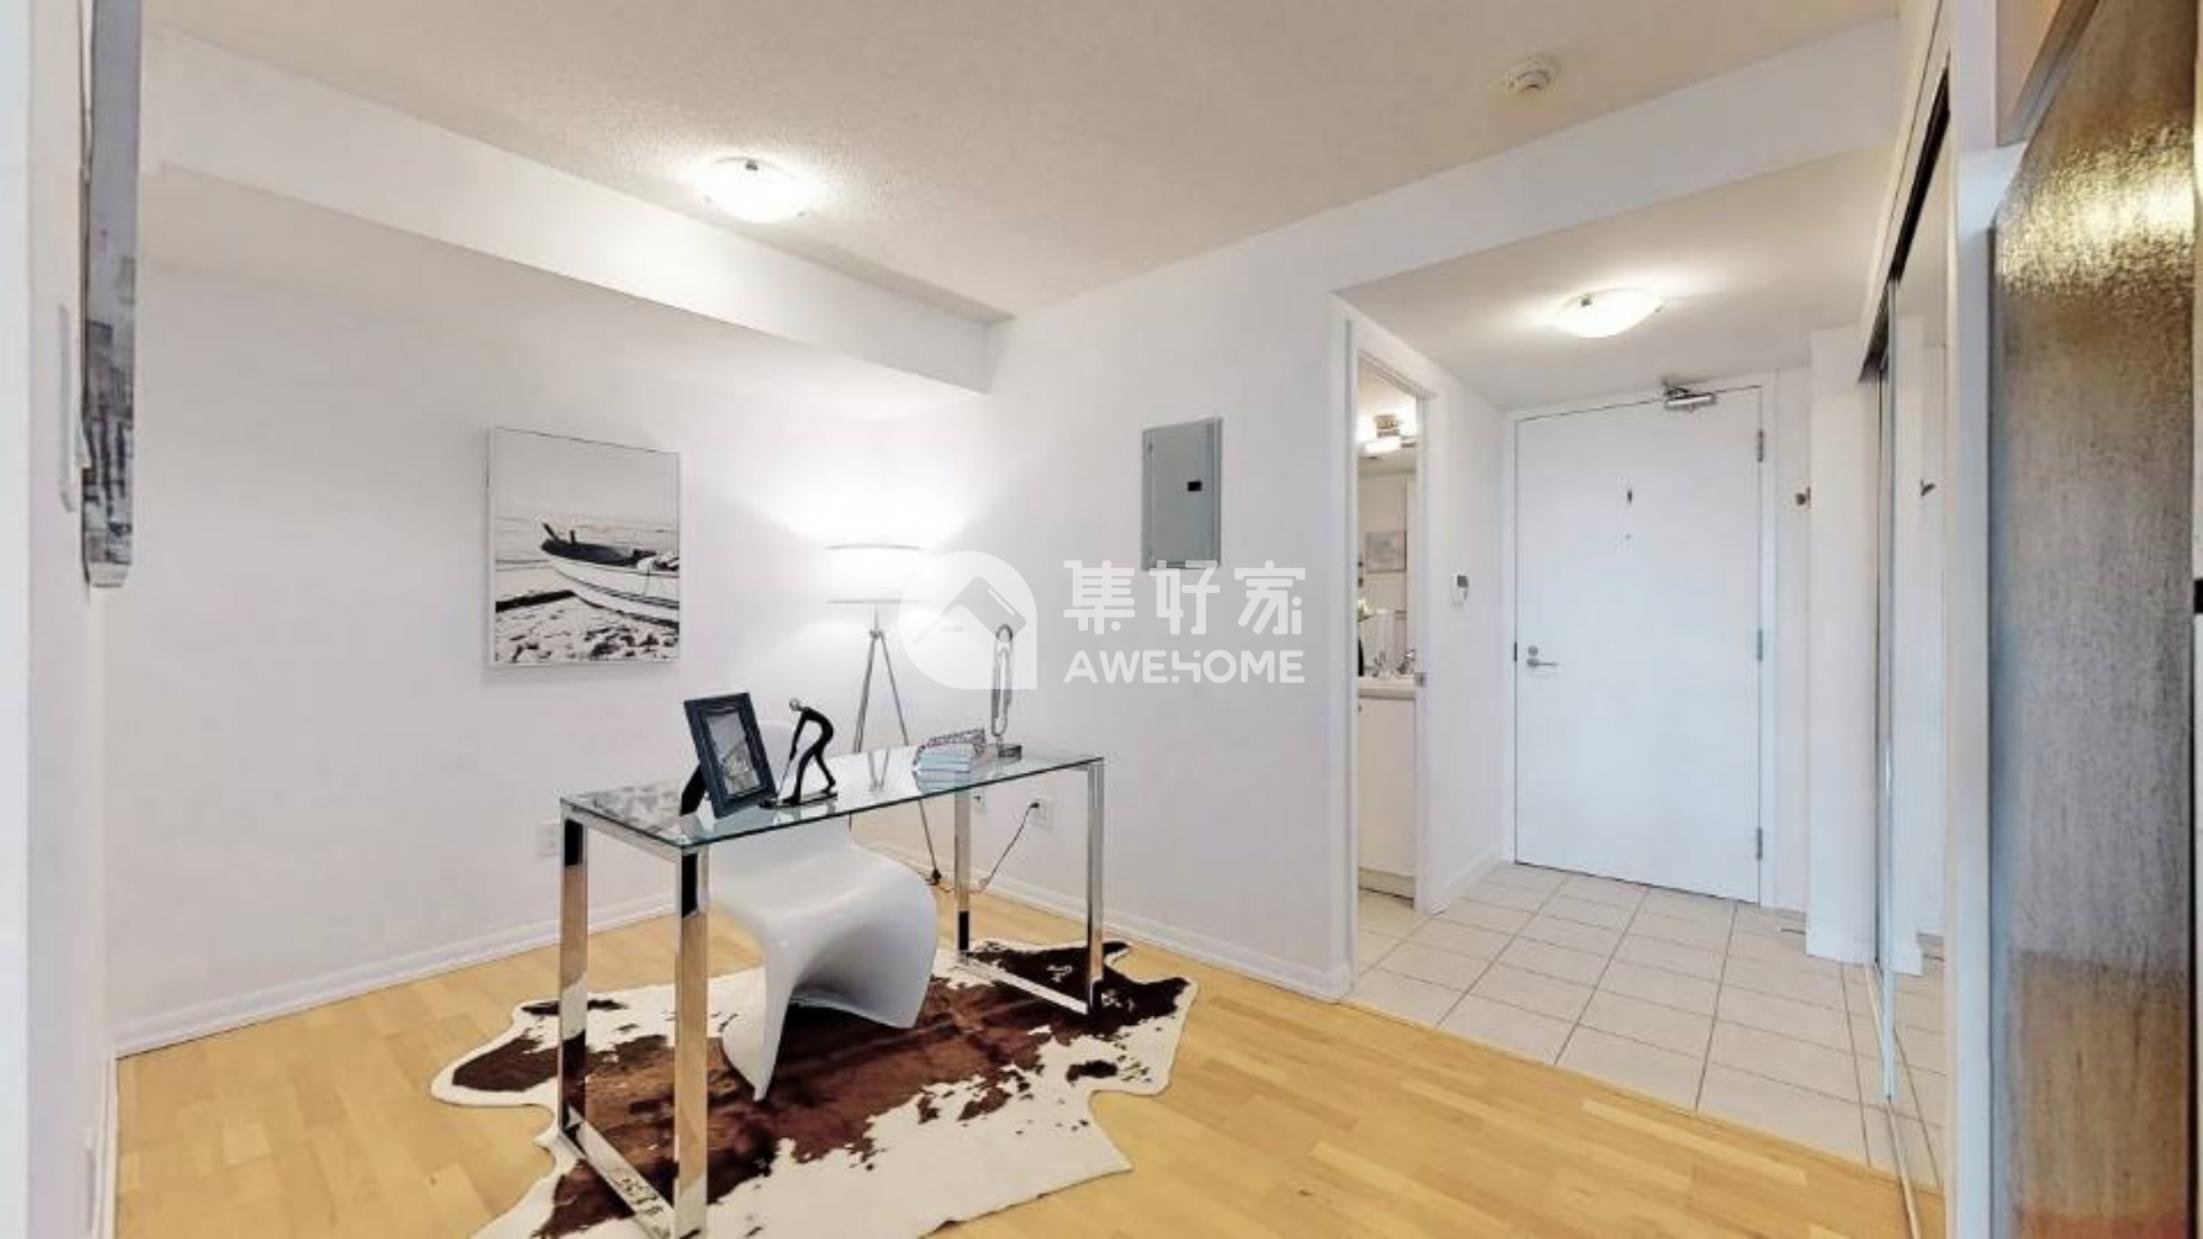 多伦多,近多伦多大学Bay College1房1den公寓包水电带车位价好